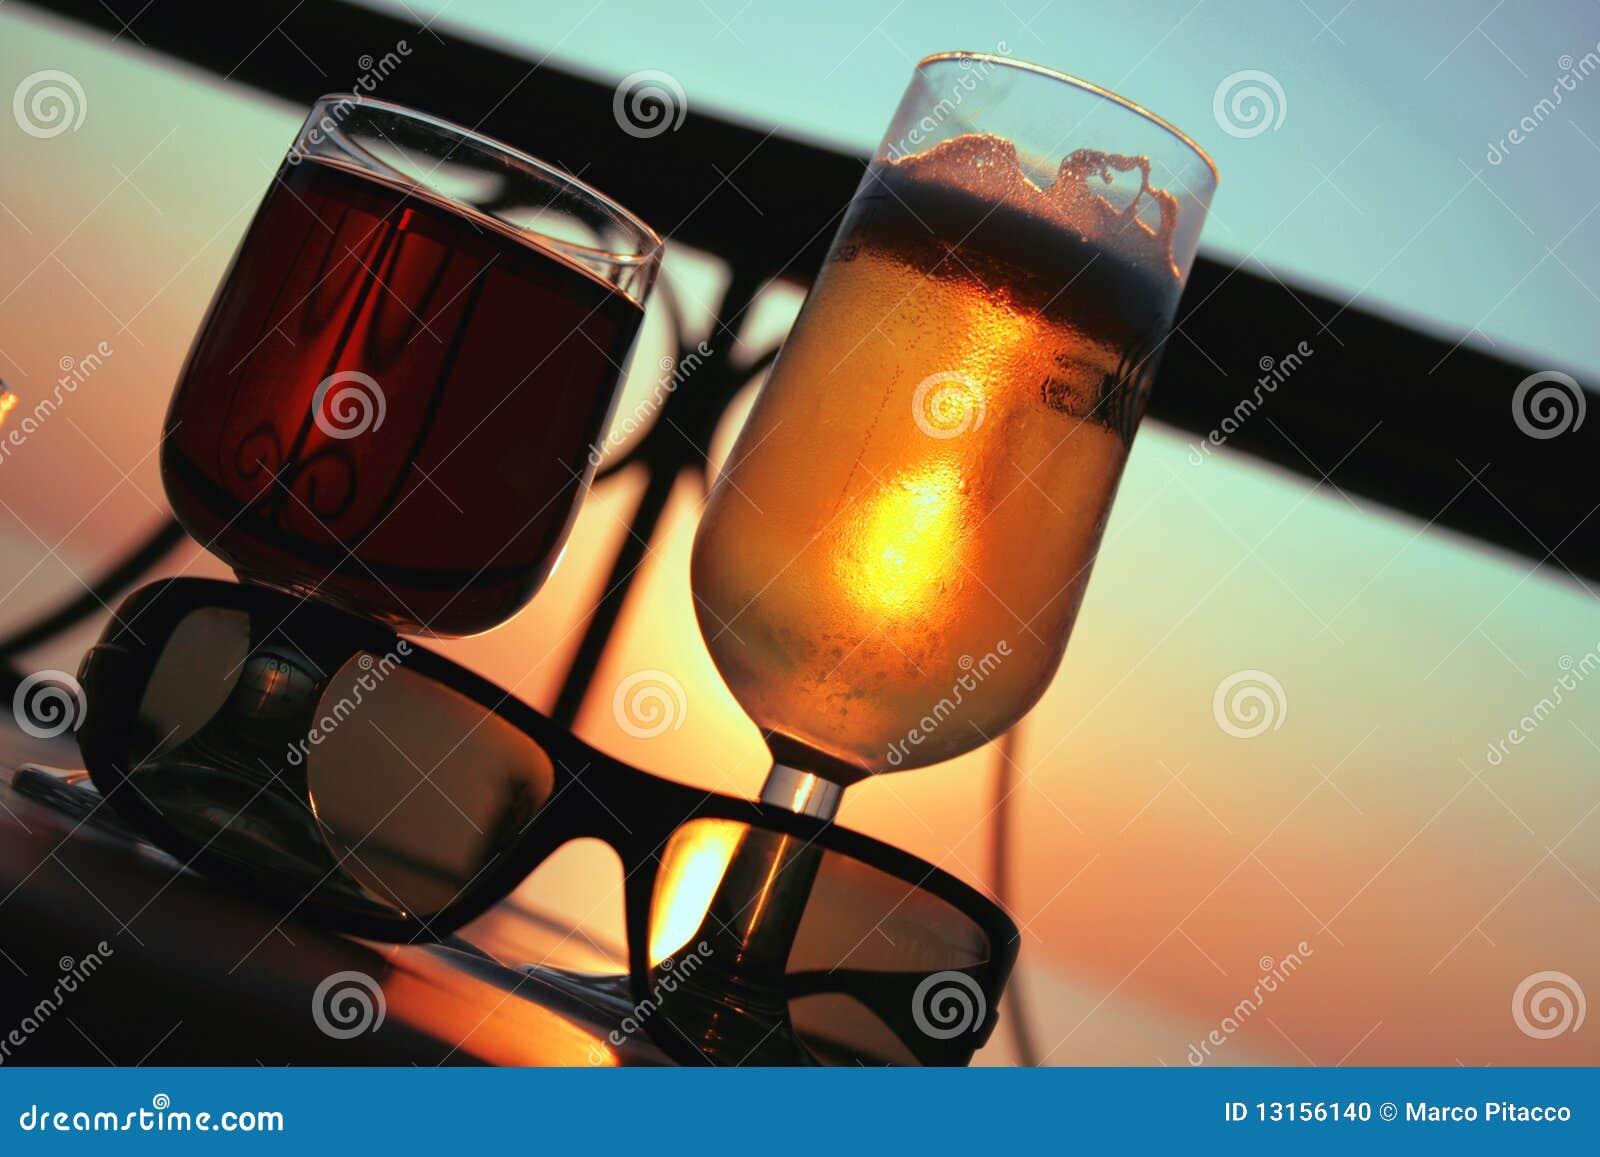 Cerveza y vino